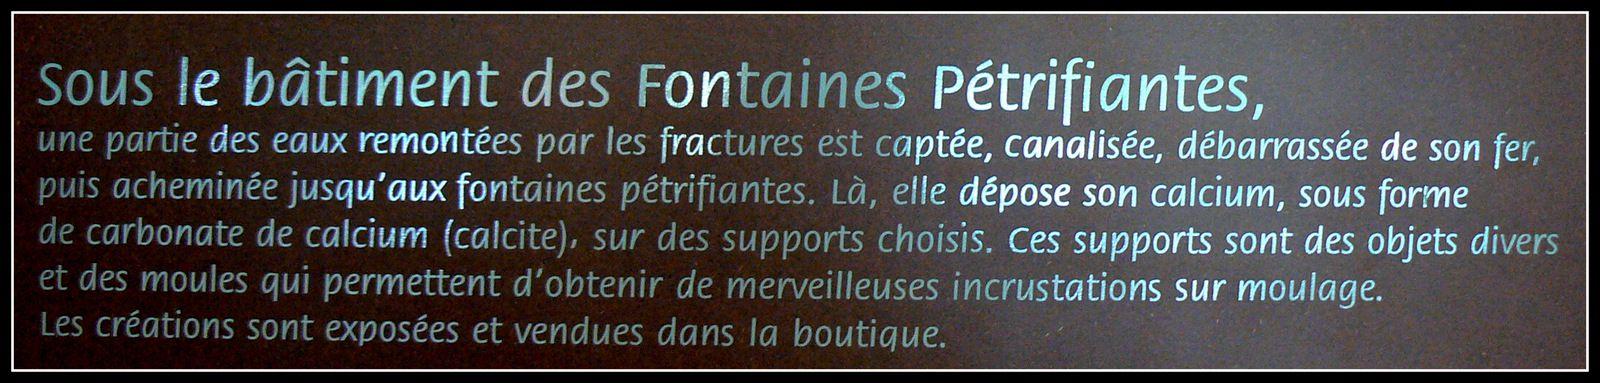 Les Fontaines pétrifiantes de St Nectaire